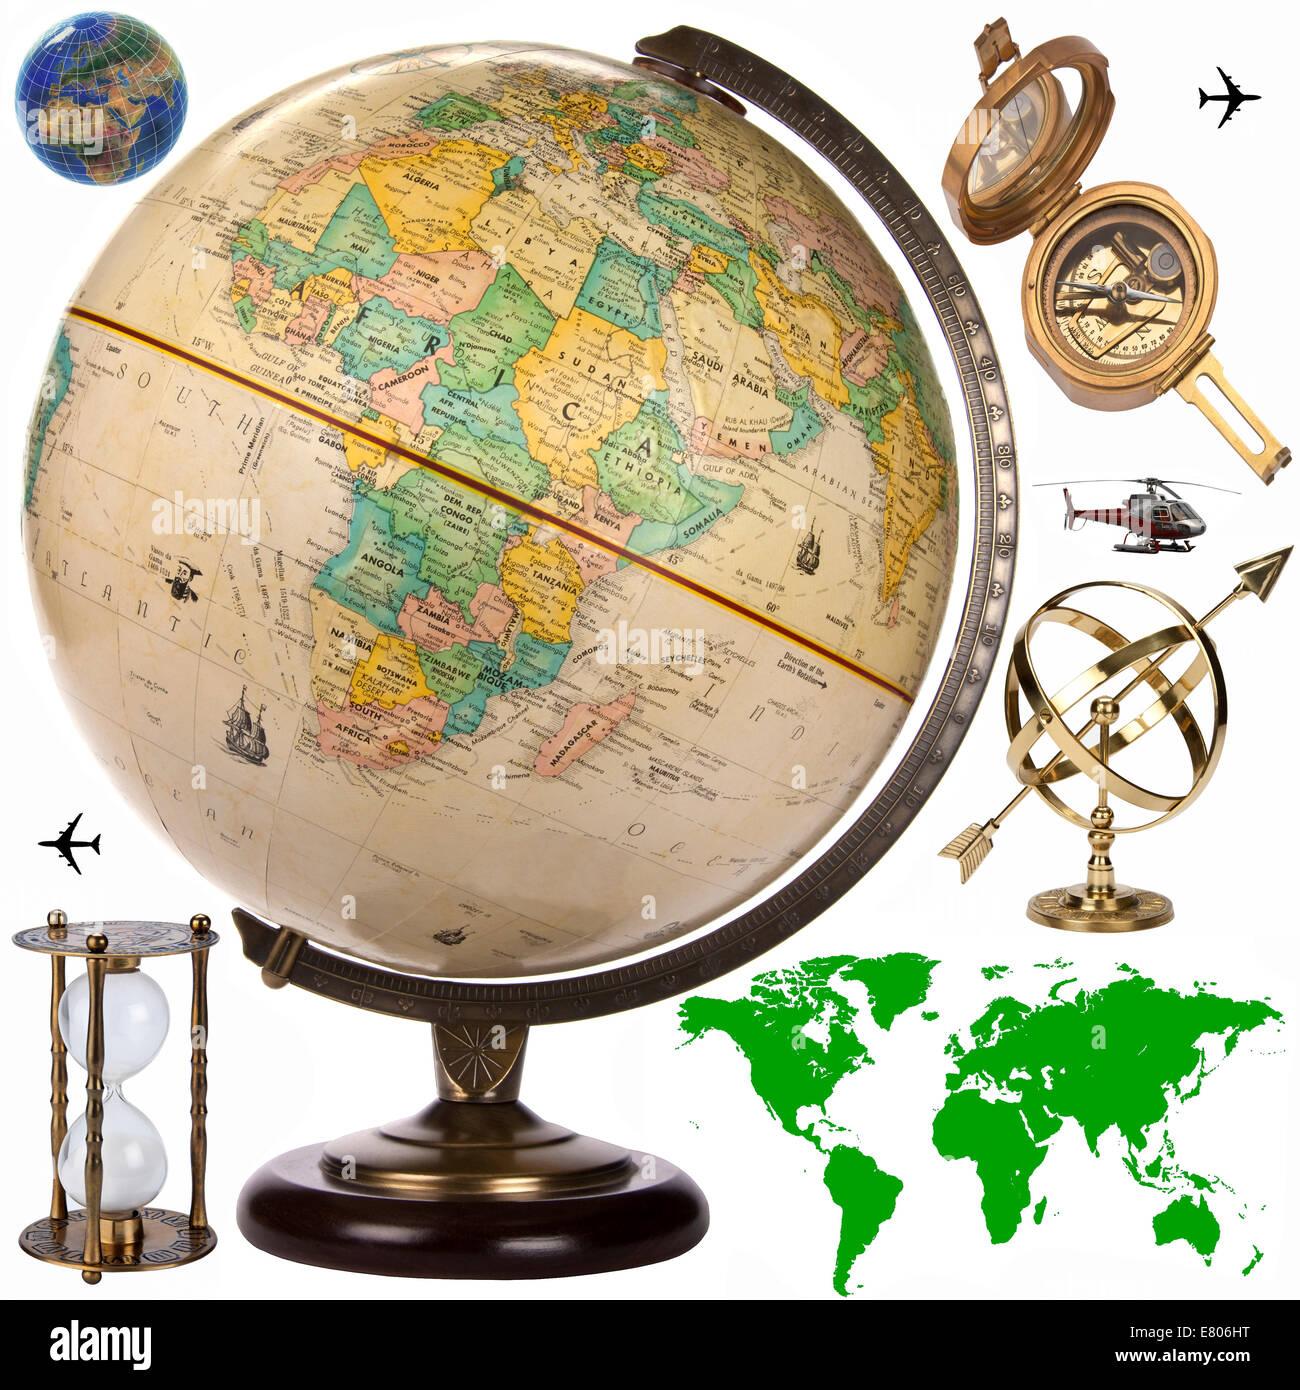 La carte, Globe et voyage d'objets de décoration Photo Stock